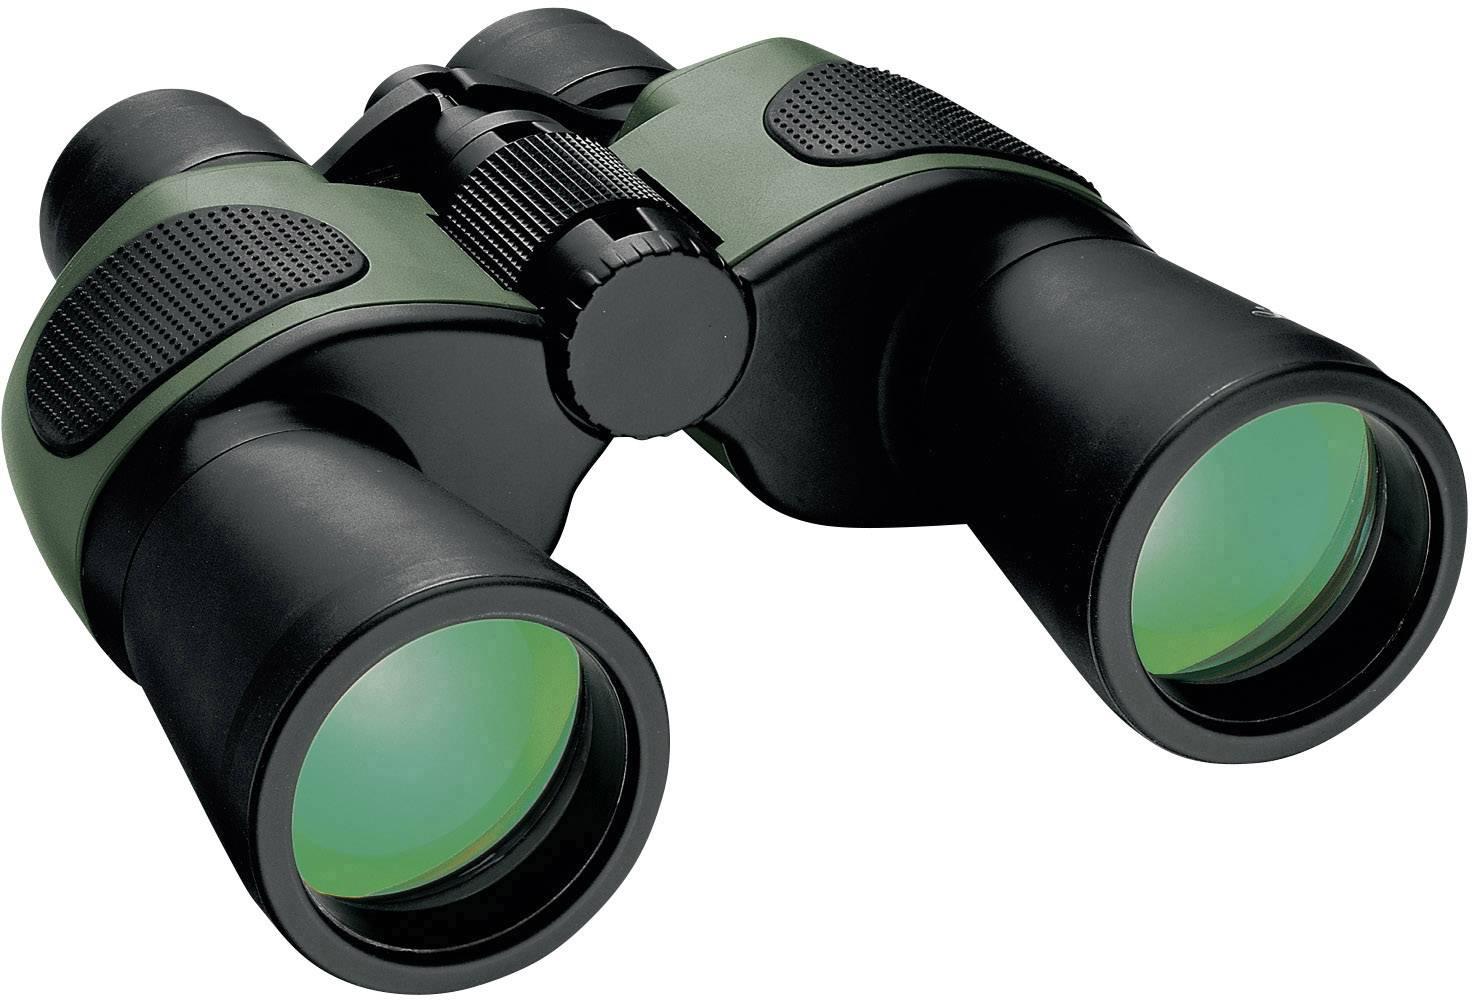 Luger zv zoom fernglas bis mm schwarz grün kaufen